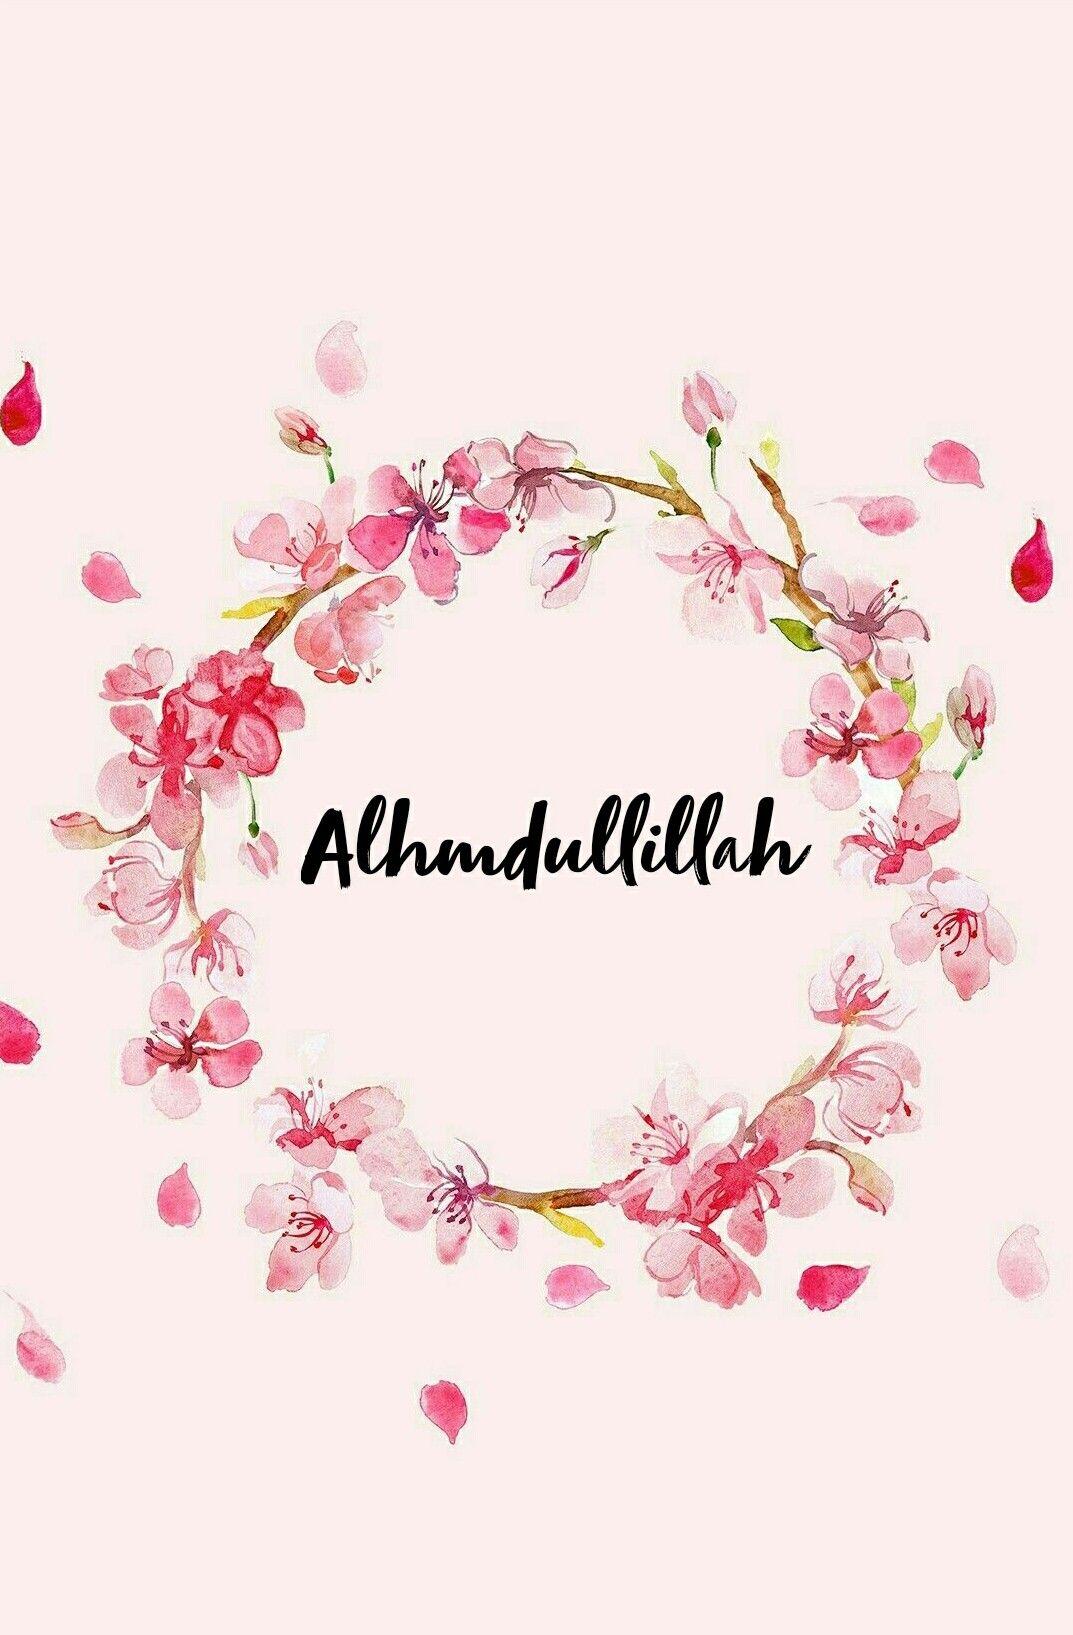 Pin Oleh Ell Di Anime Hijab Motivation Of Islam Poster Bunga